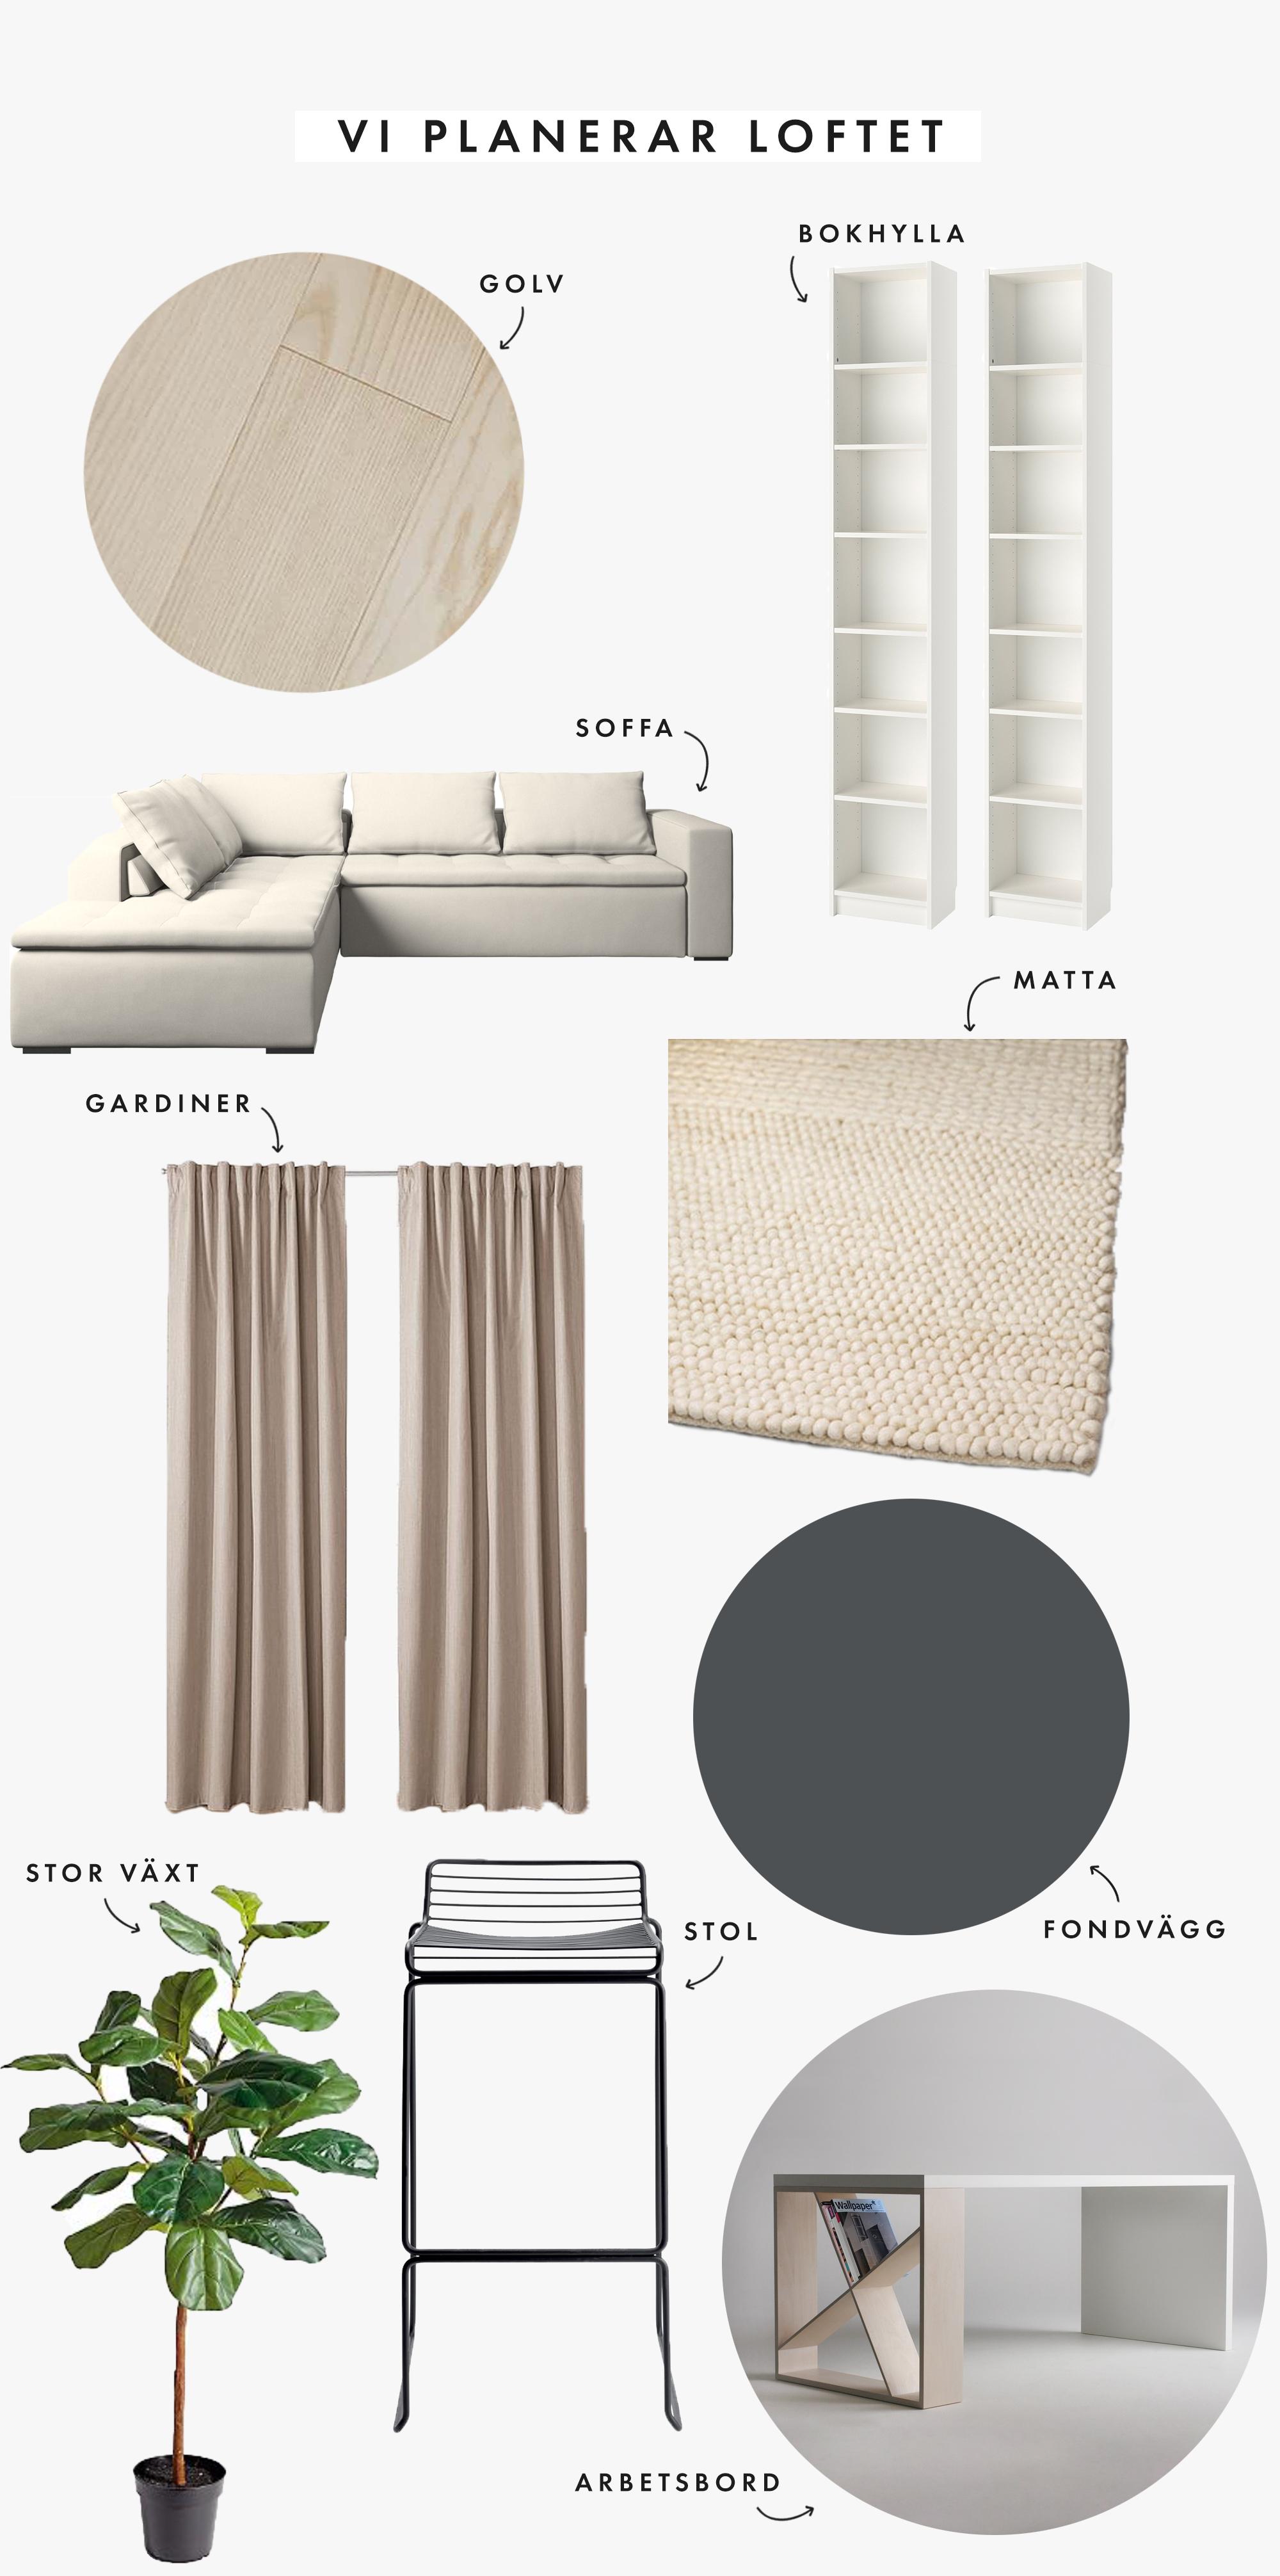 Building Home | Loftplanering | Vi planerar loftet | Inspiration board | By Sandramaria | Sandramarias.com